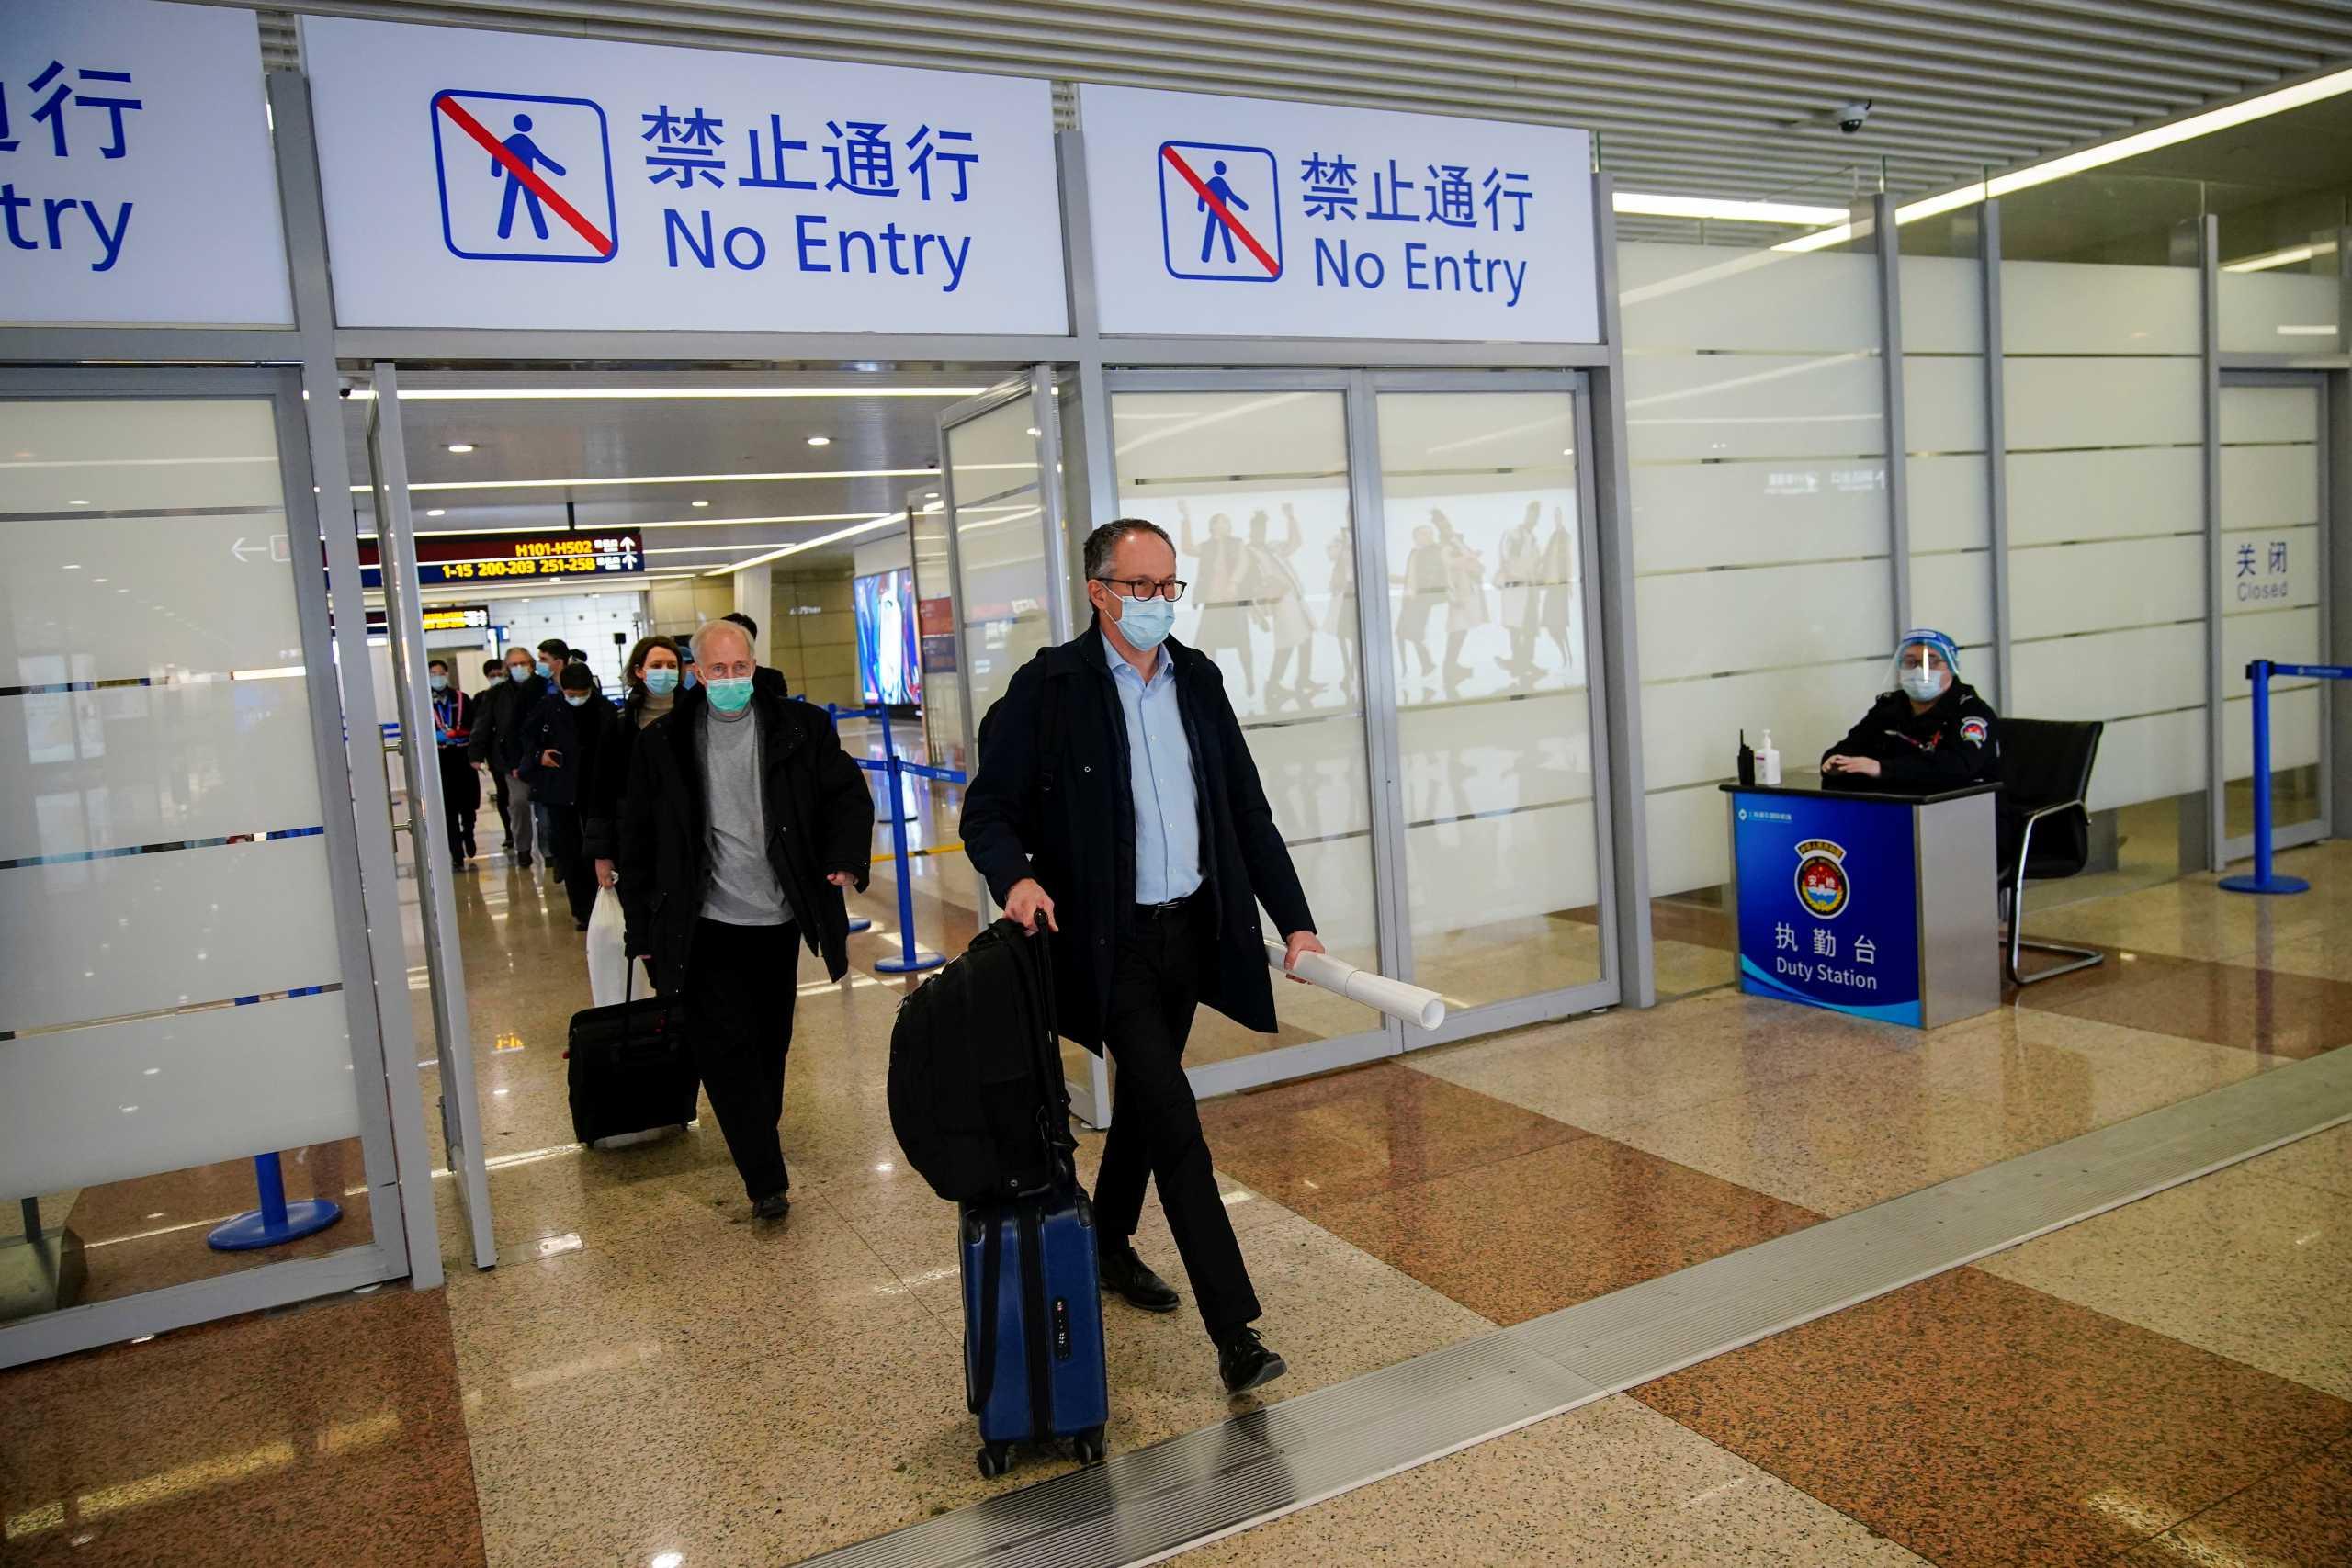 Κορονοϊός: Η Κίνα καθιερώνει το ψηφιακό «διαβατήριο υγείας» στα ταξίδια